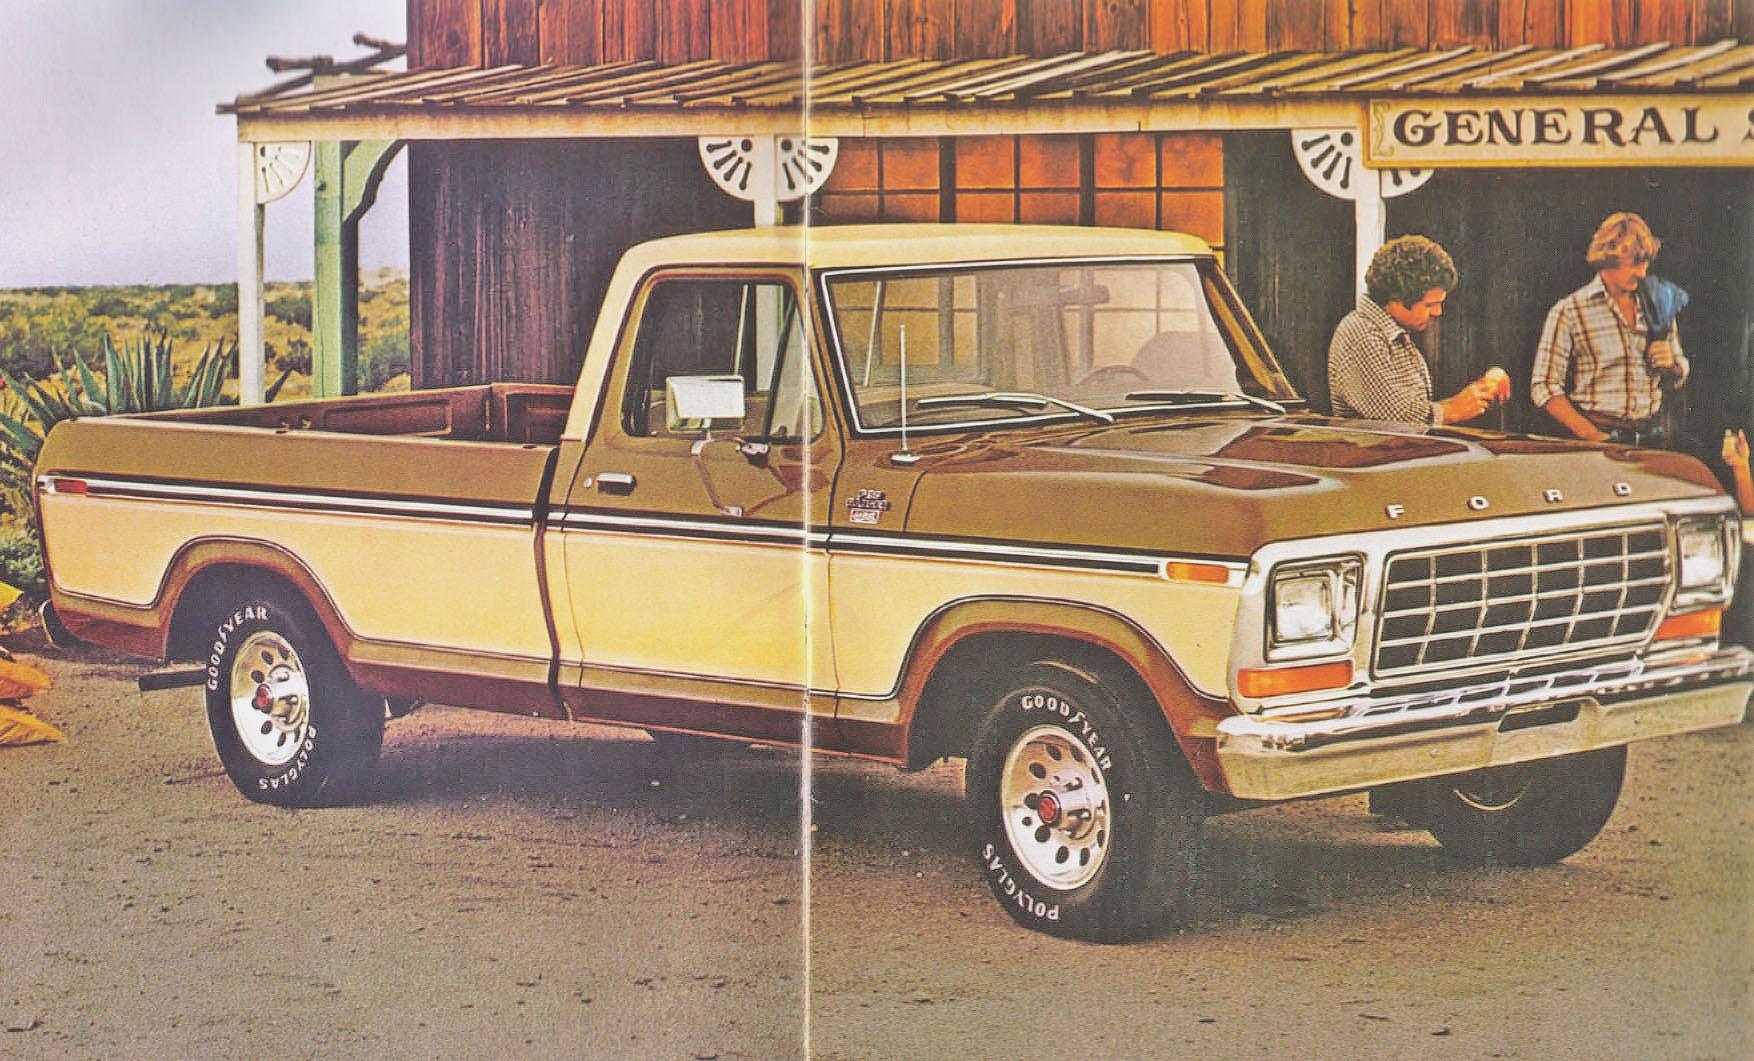 Las camionetas Ford de 1979 | Archivo de autos